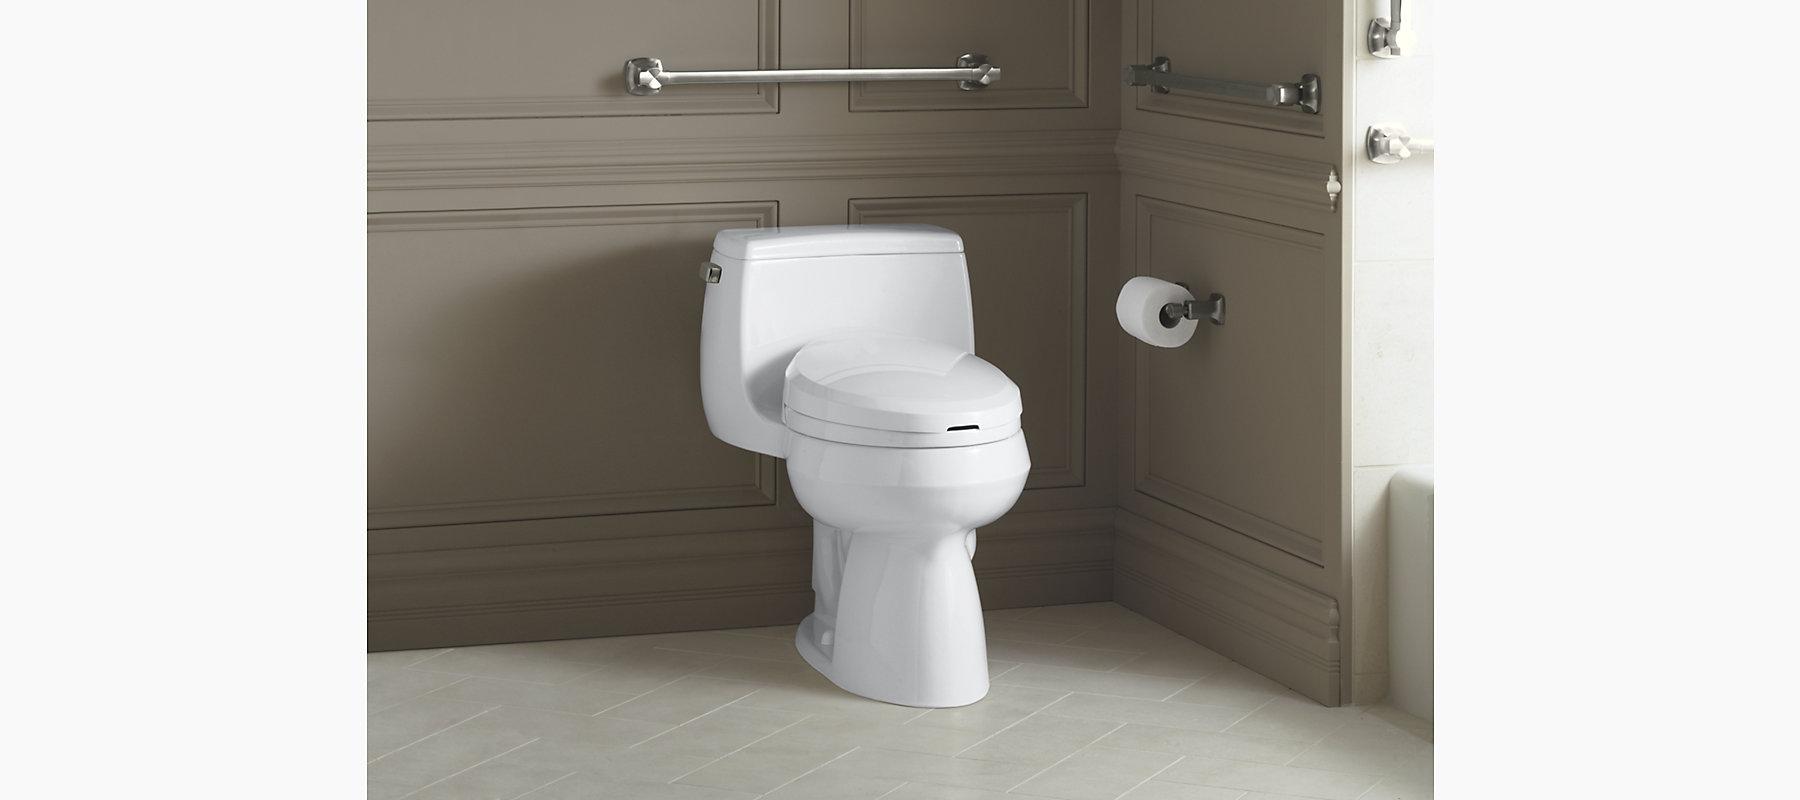 Kohler K 3825 Gabrielle Toilet With C3 Toilet Seat Bidet